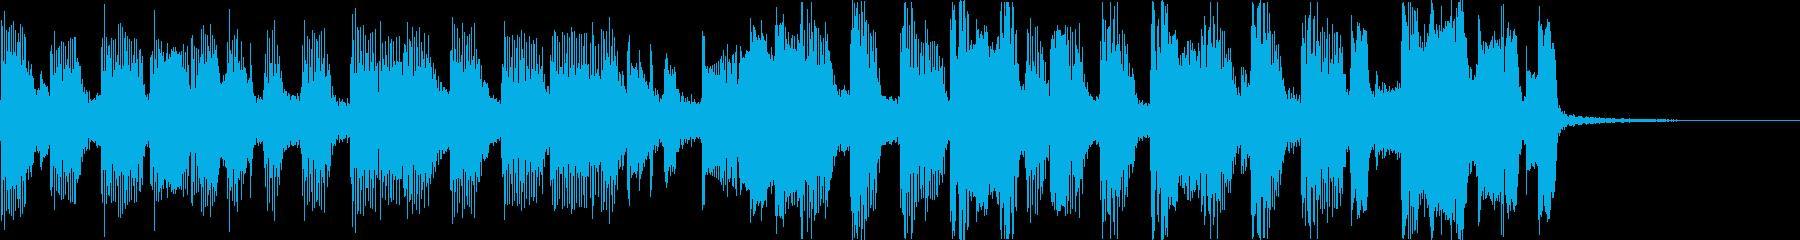 おしゃれチルヒップホップR&Bハウスeの再生済みの波形